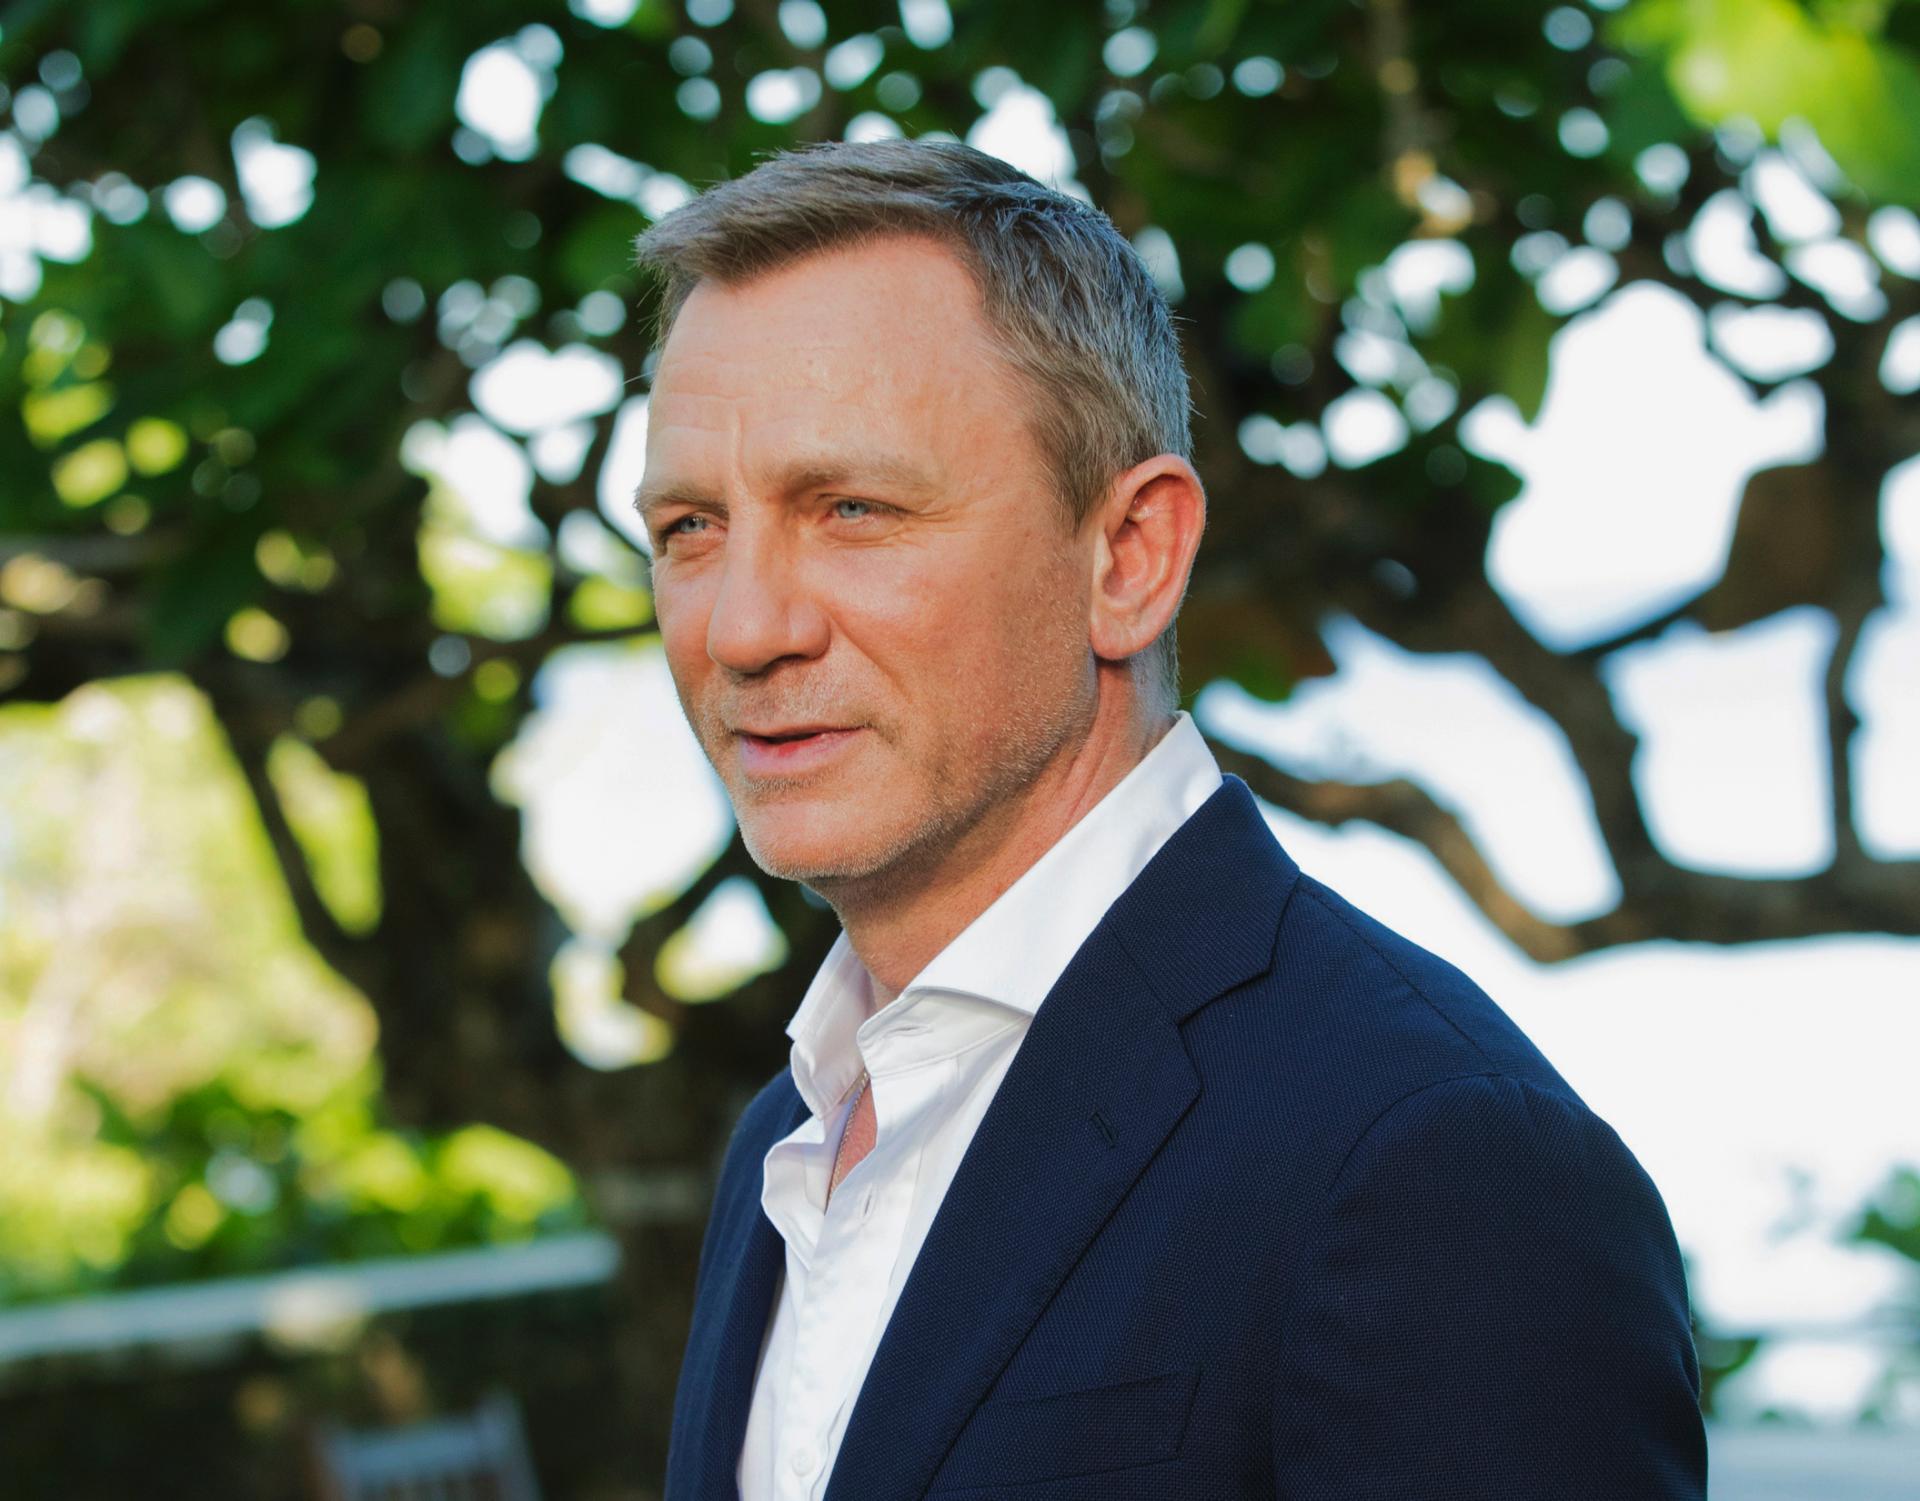 'James Bond' actor Daniel Craig